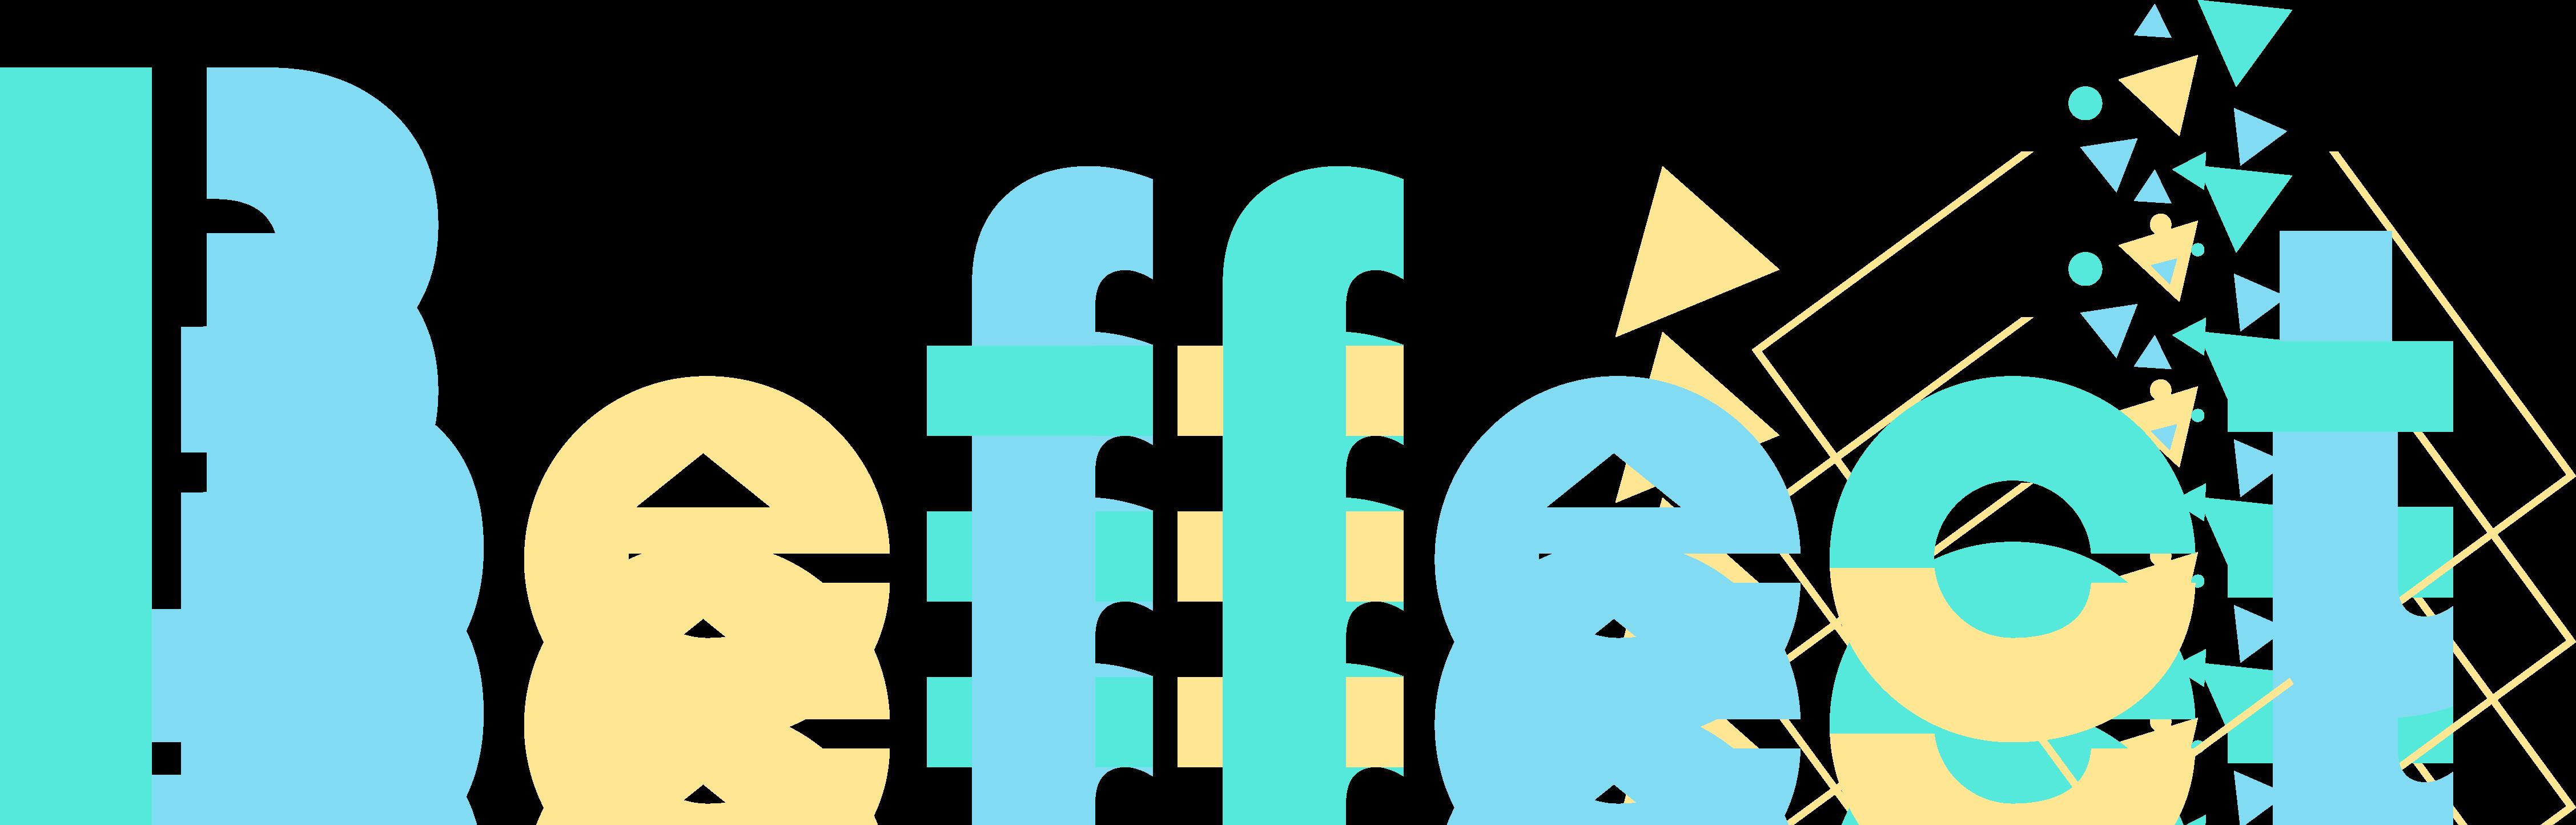 Beffect Logo